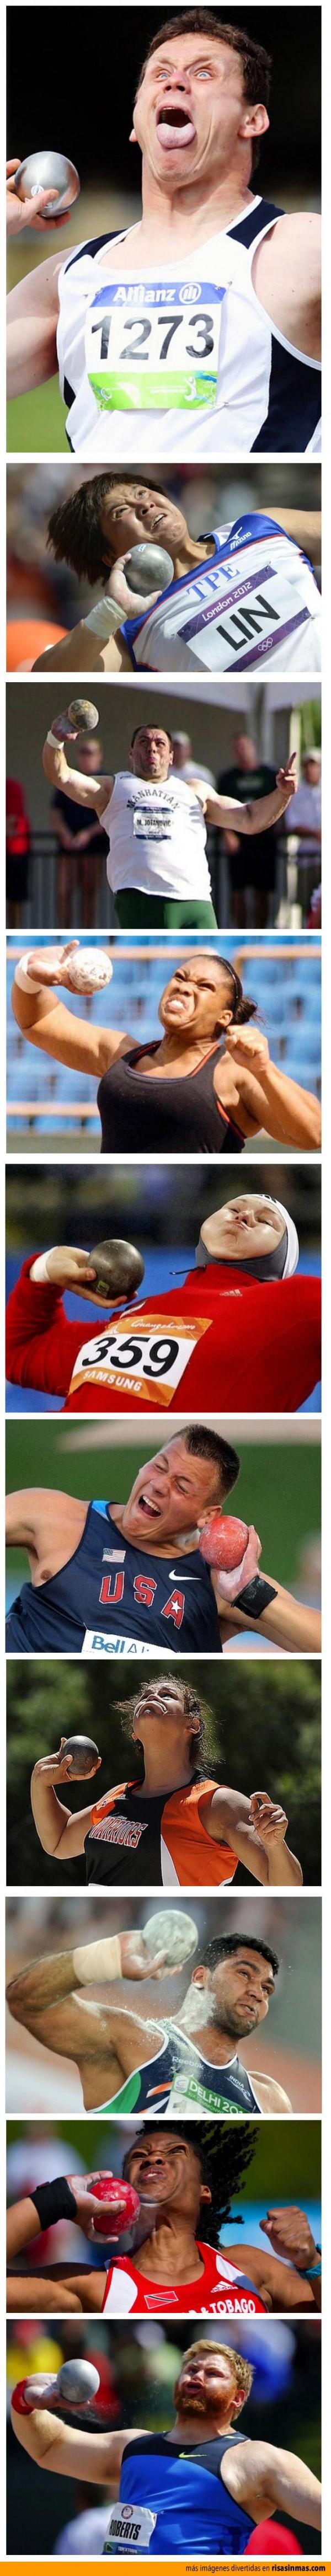 Caras de lanzadores de peso